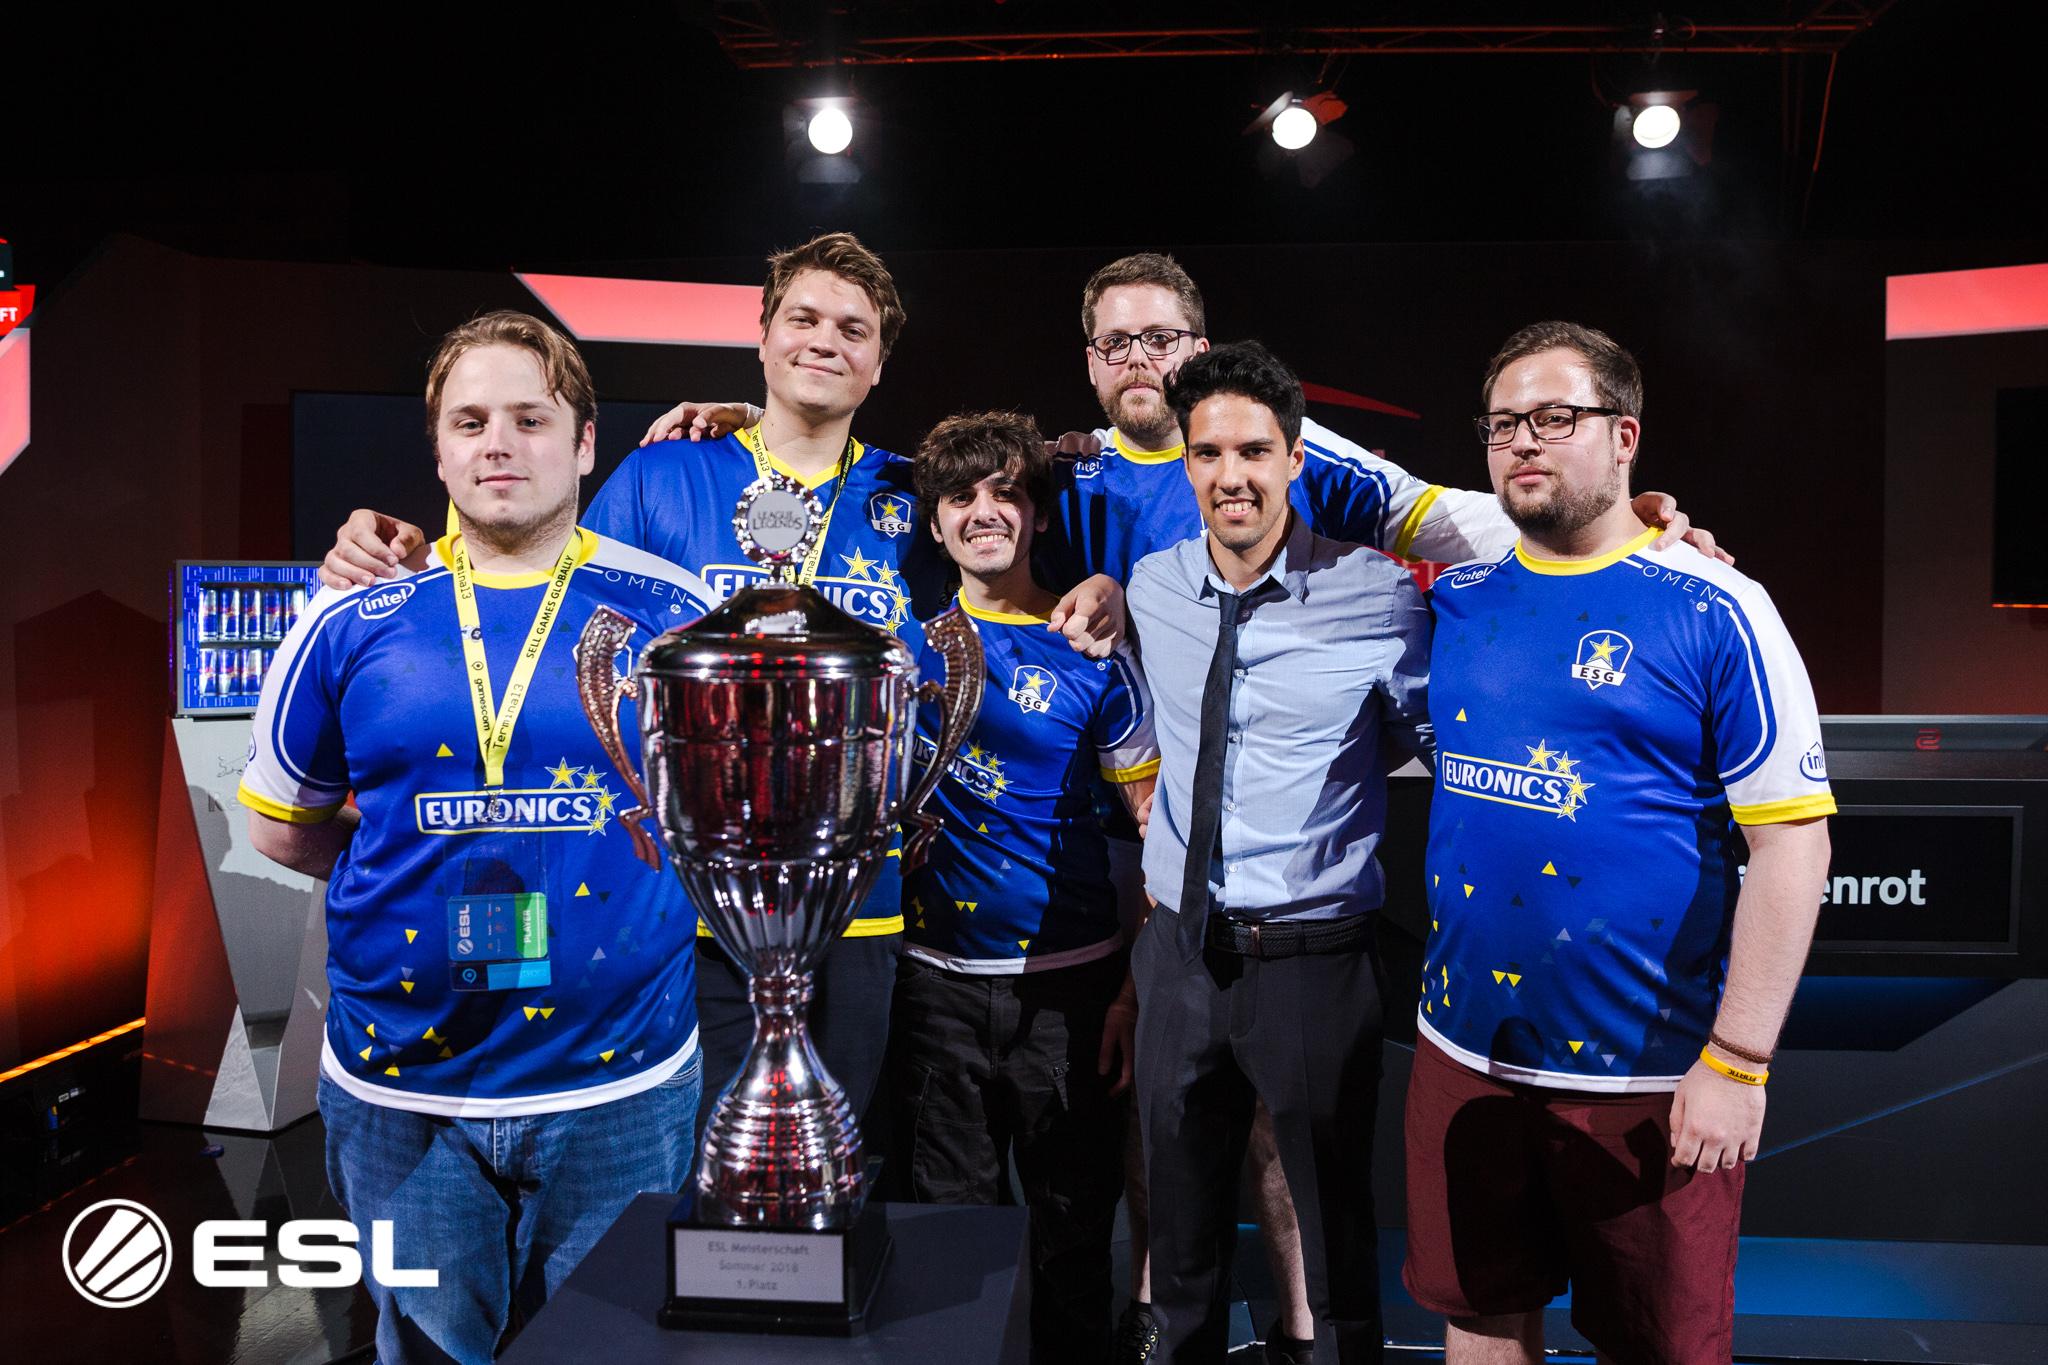 EURONICS Gaming verteidigt den ESL Meisterschafts Titel auf der gamescom 2018